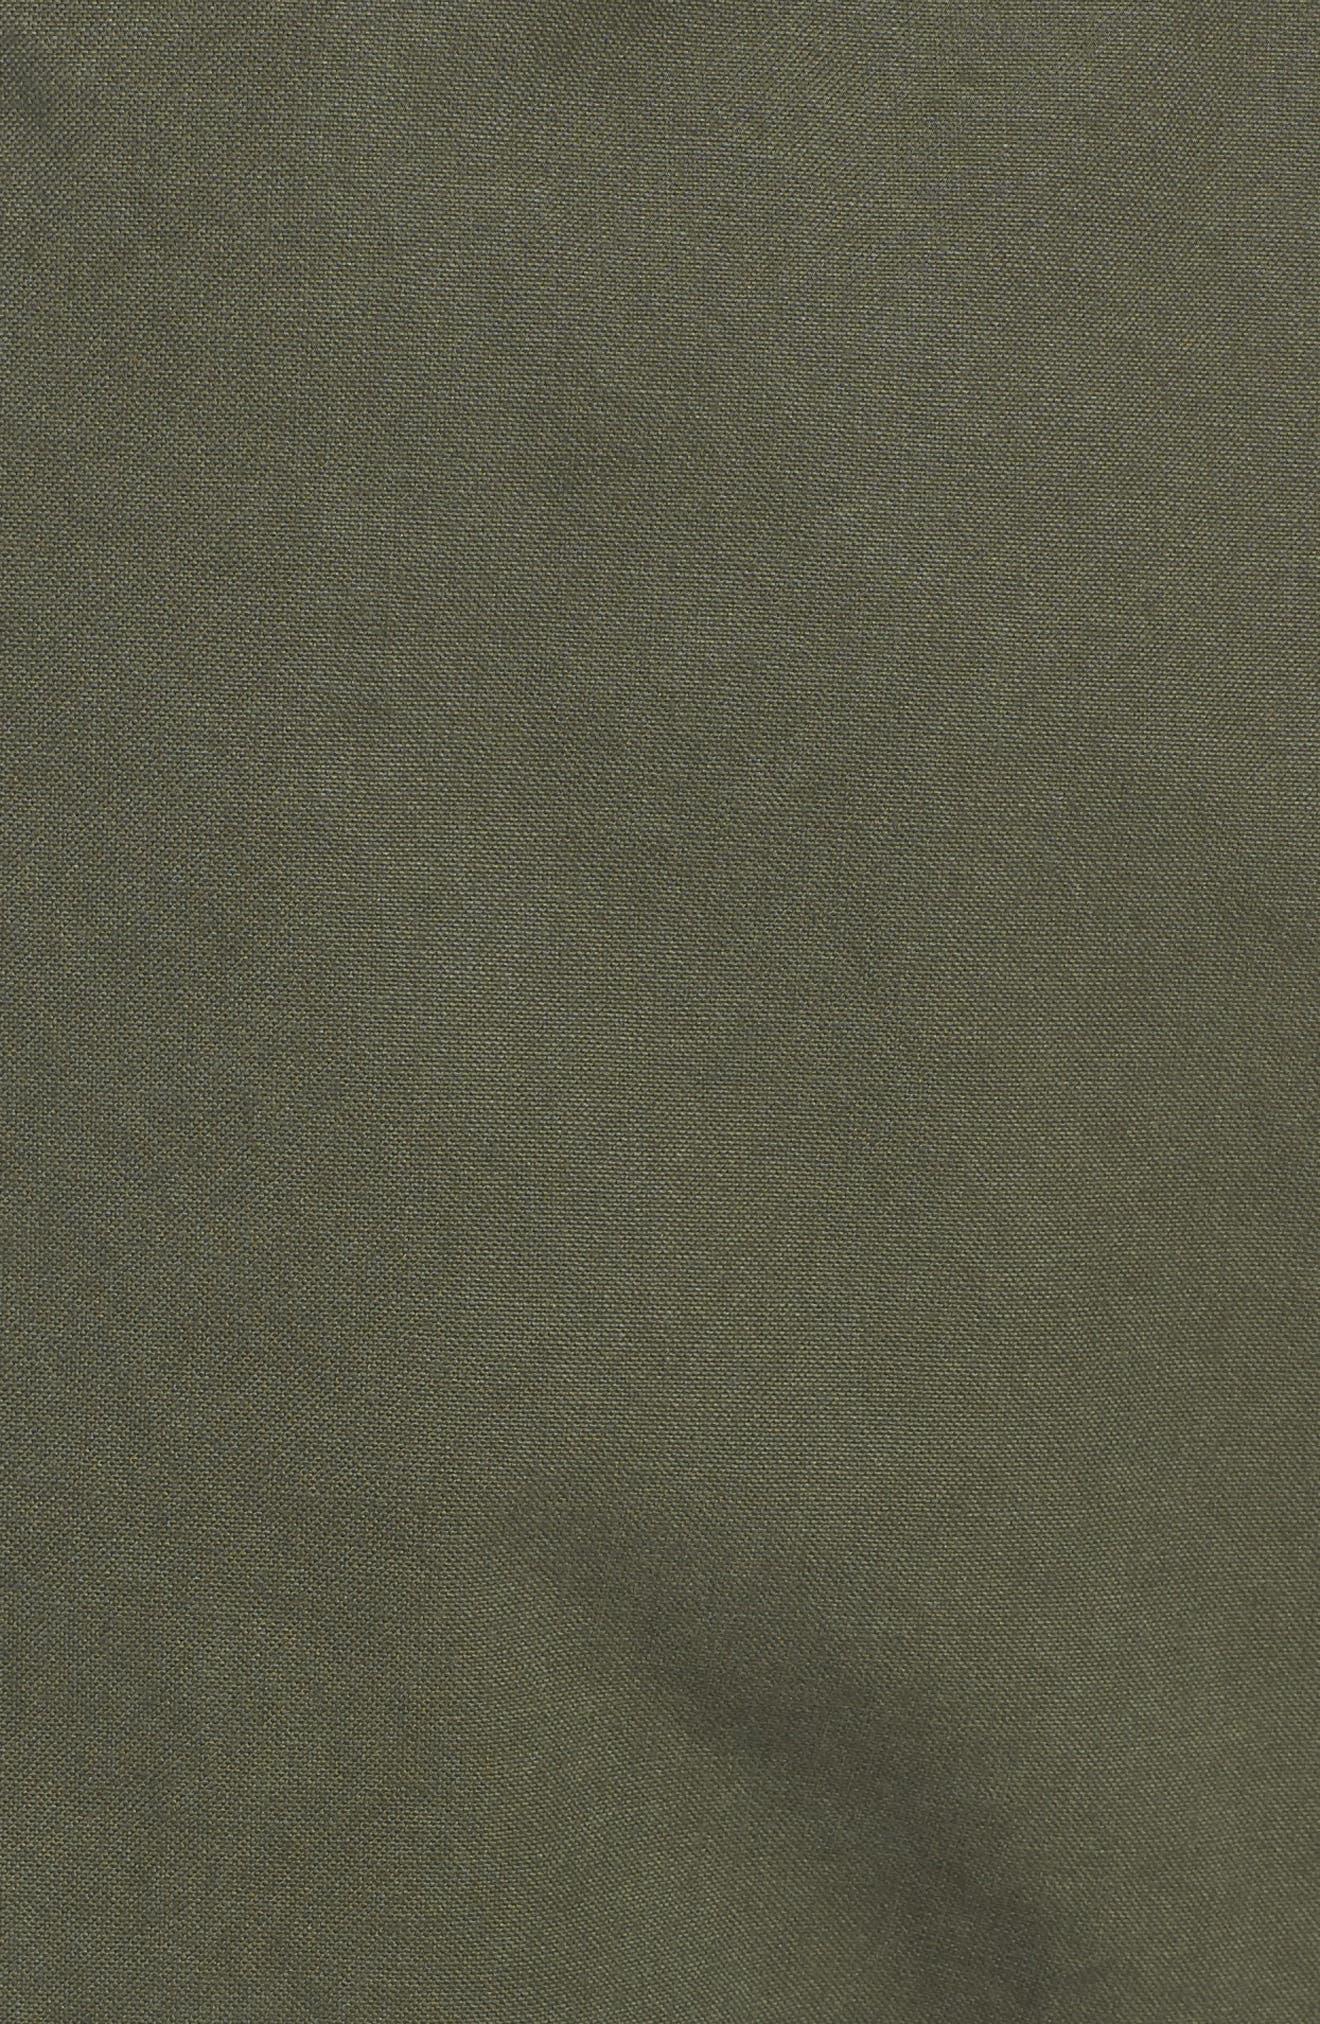 5620 SPM 3D Pants,                             Alternate thumbnail 5, color,                             300